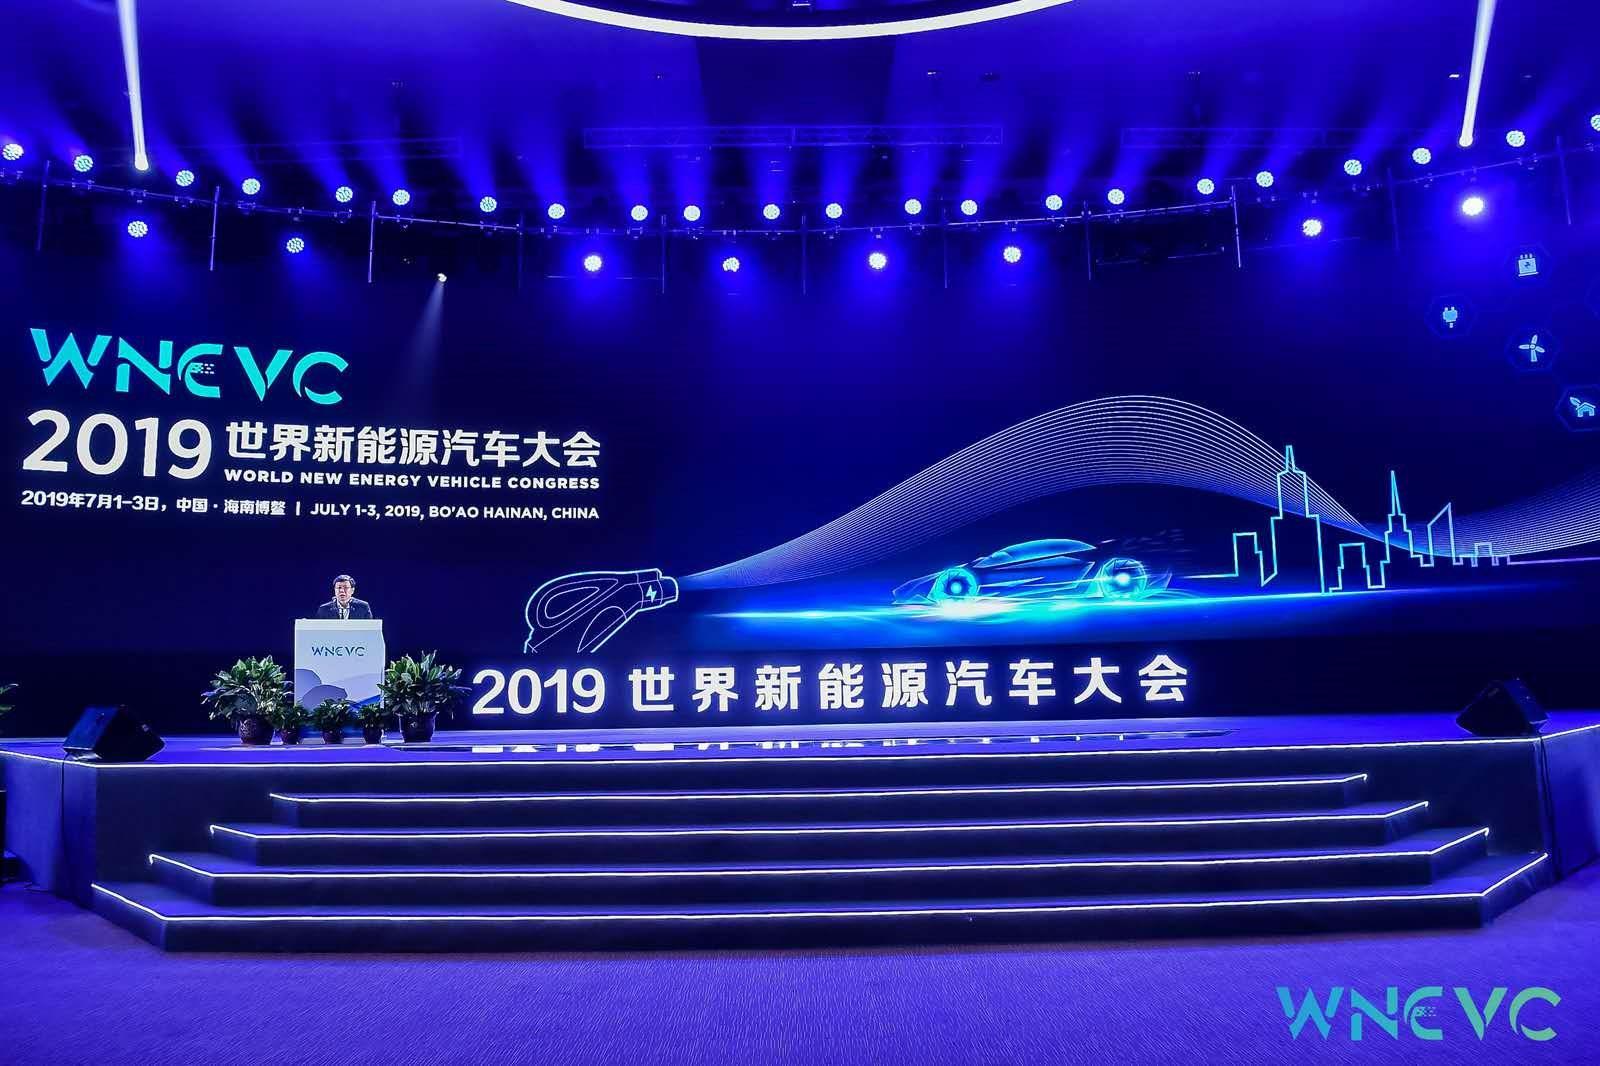 2019世界新能源汽车大会发布博鳌共识